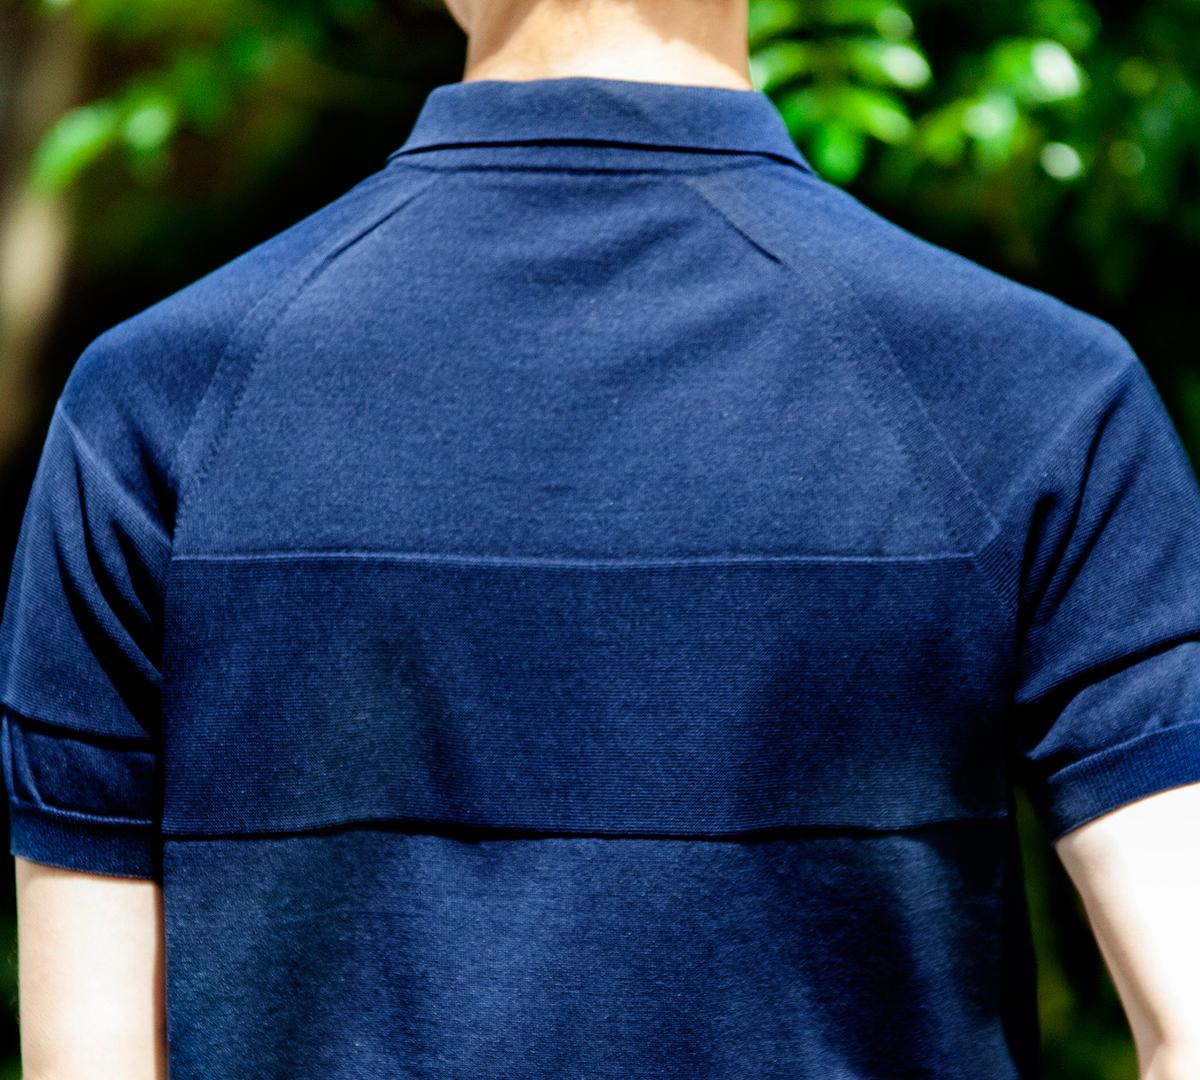 「ホールガーメント編み」で、袖や身頃といったパーツ同士をつなぎ合せる「継ぎ目」が一切ないので、素肌に着ても、肩や脇に、継ぎ目が当るようなゴロつきを感じない「ニットポロシャツ」|伊予和紙ポロシャツ